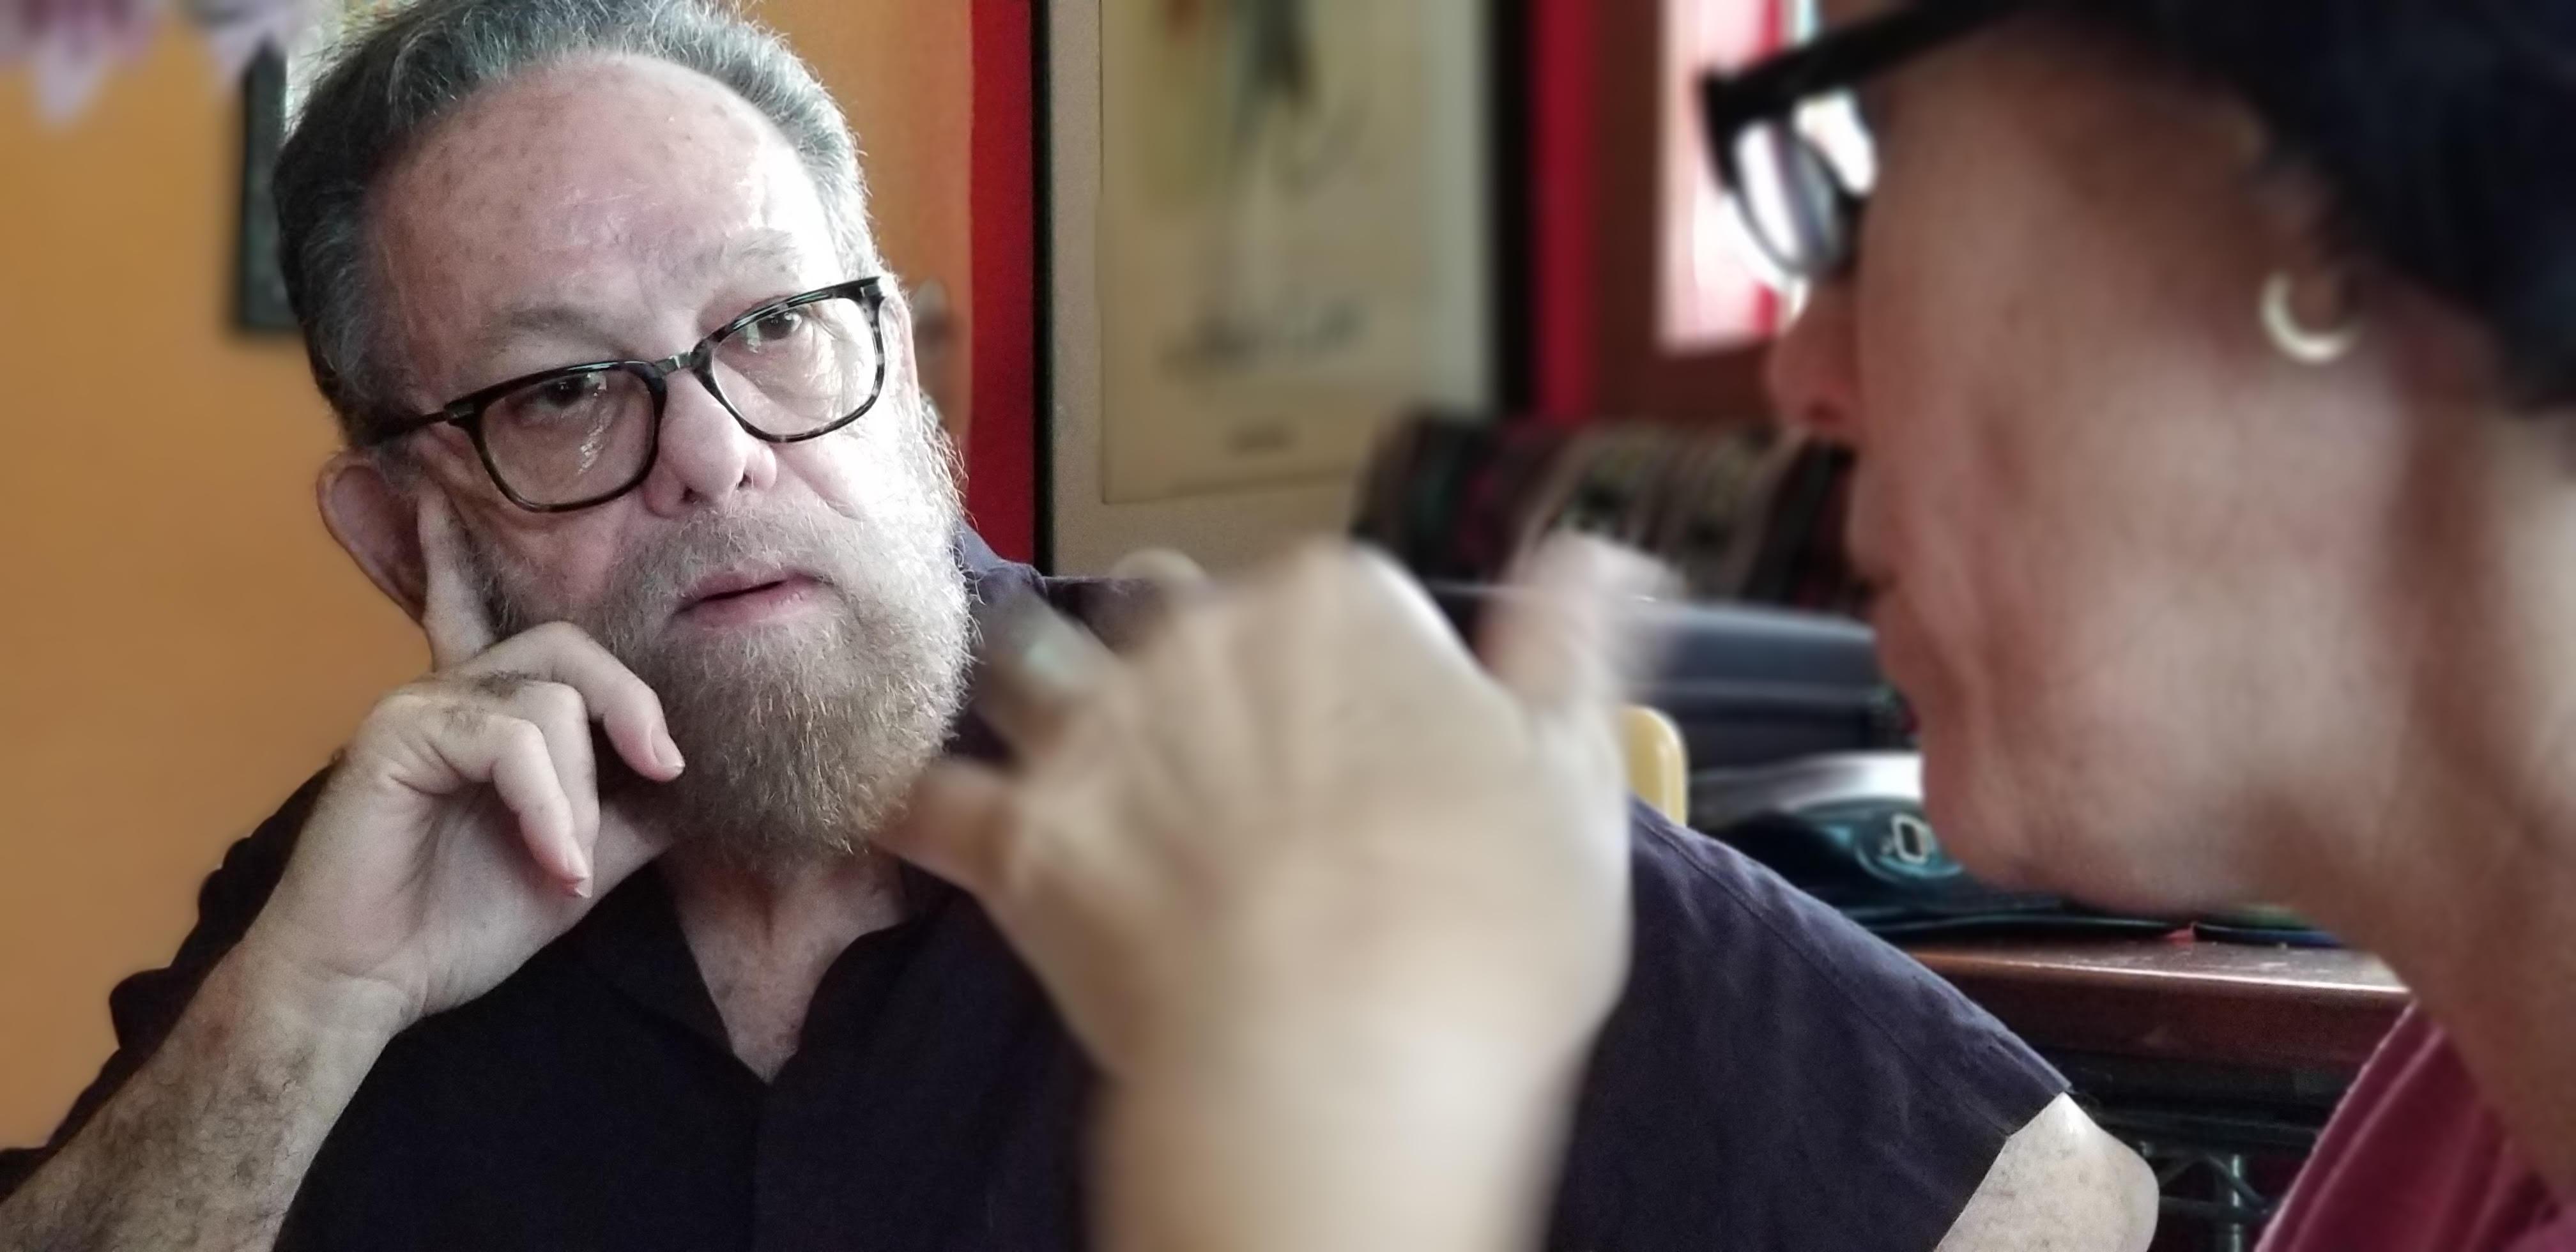 El director Alberto Sarraín en entrevista con la autora. Foto: Daniel Correa.